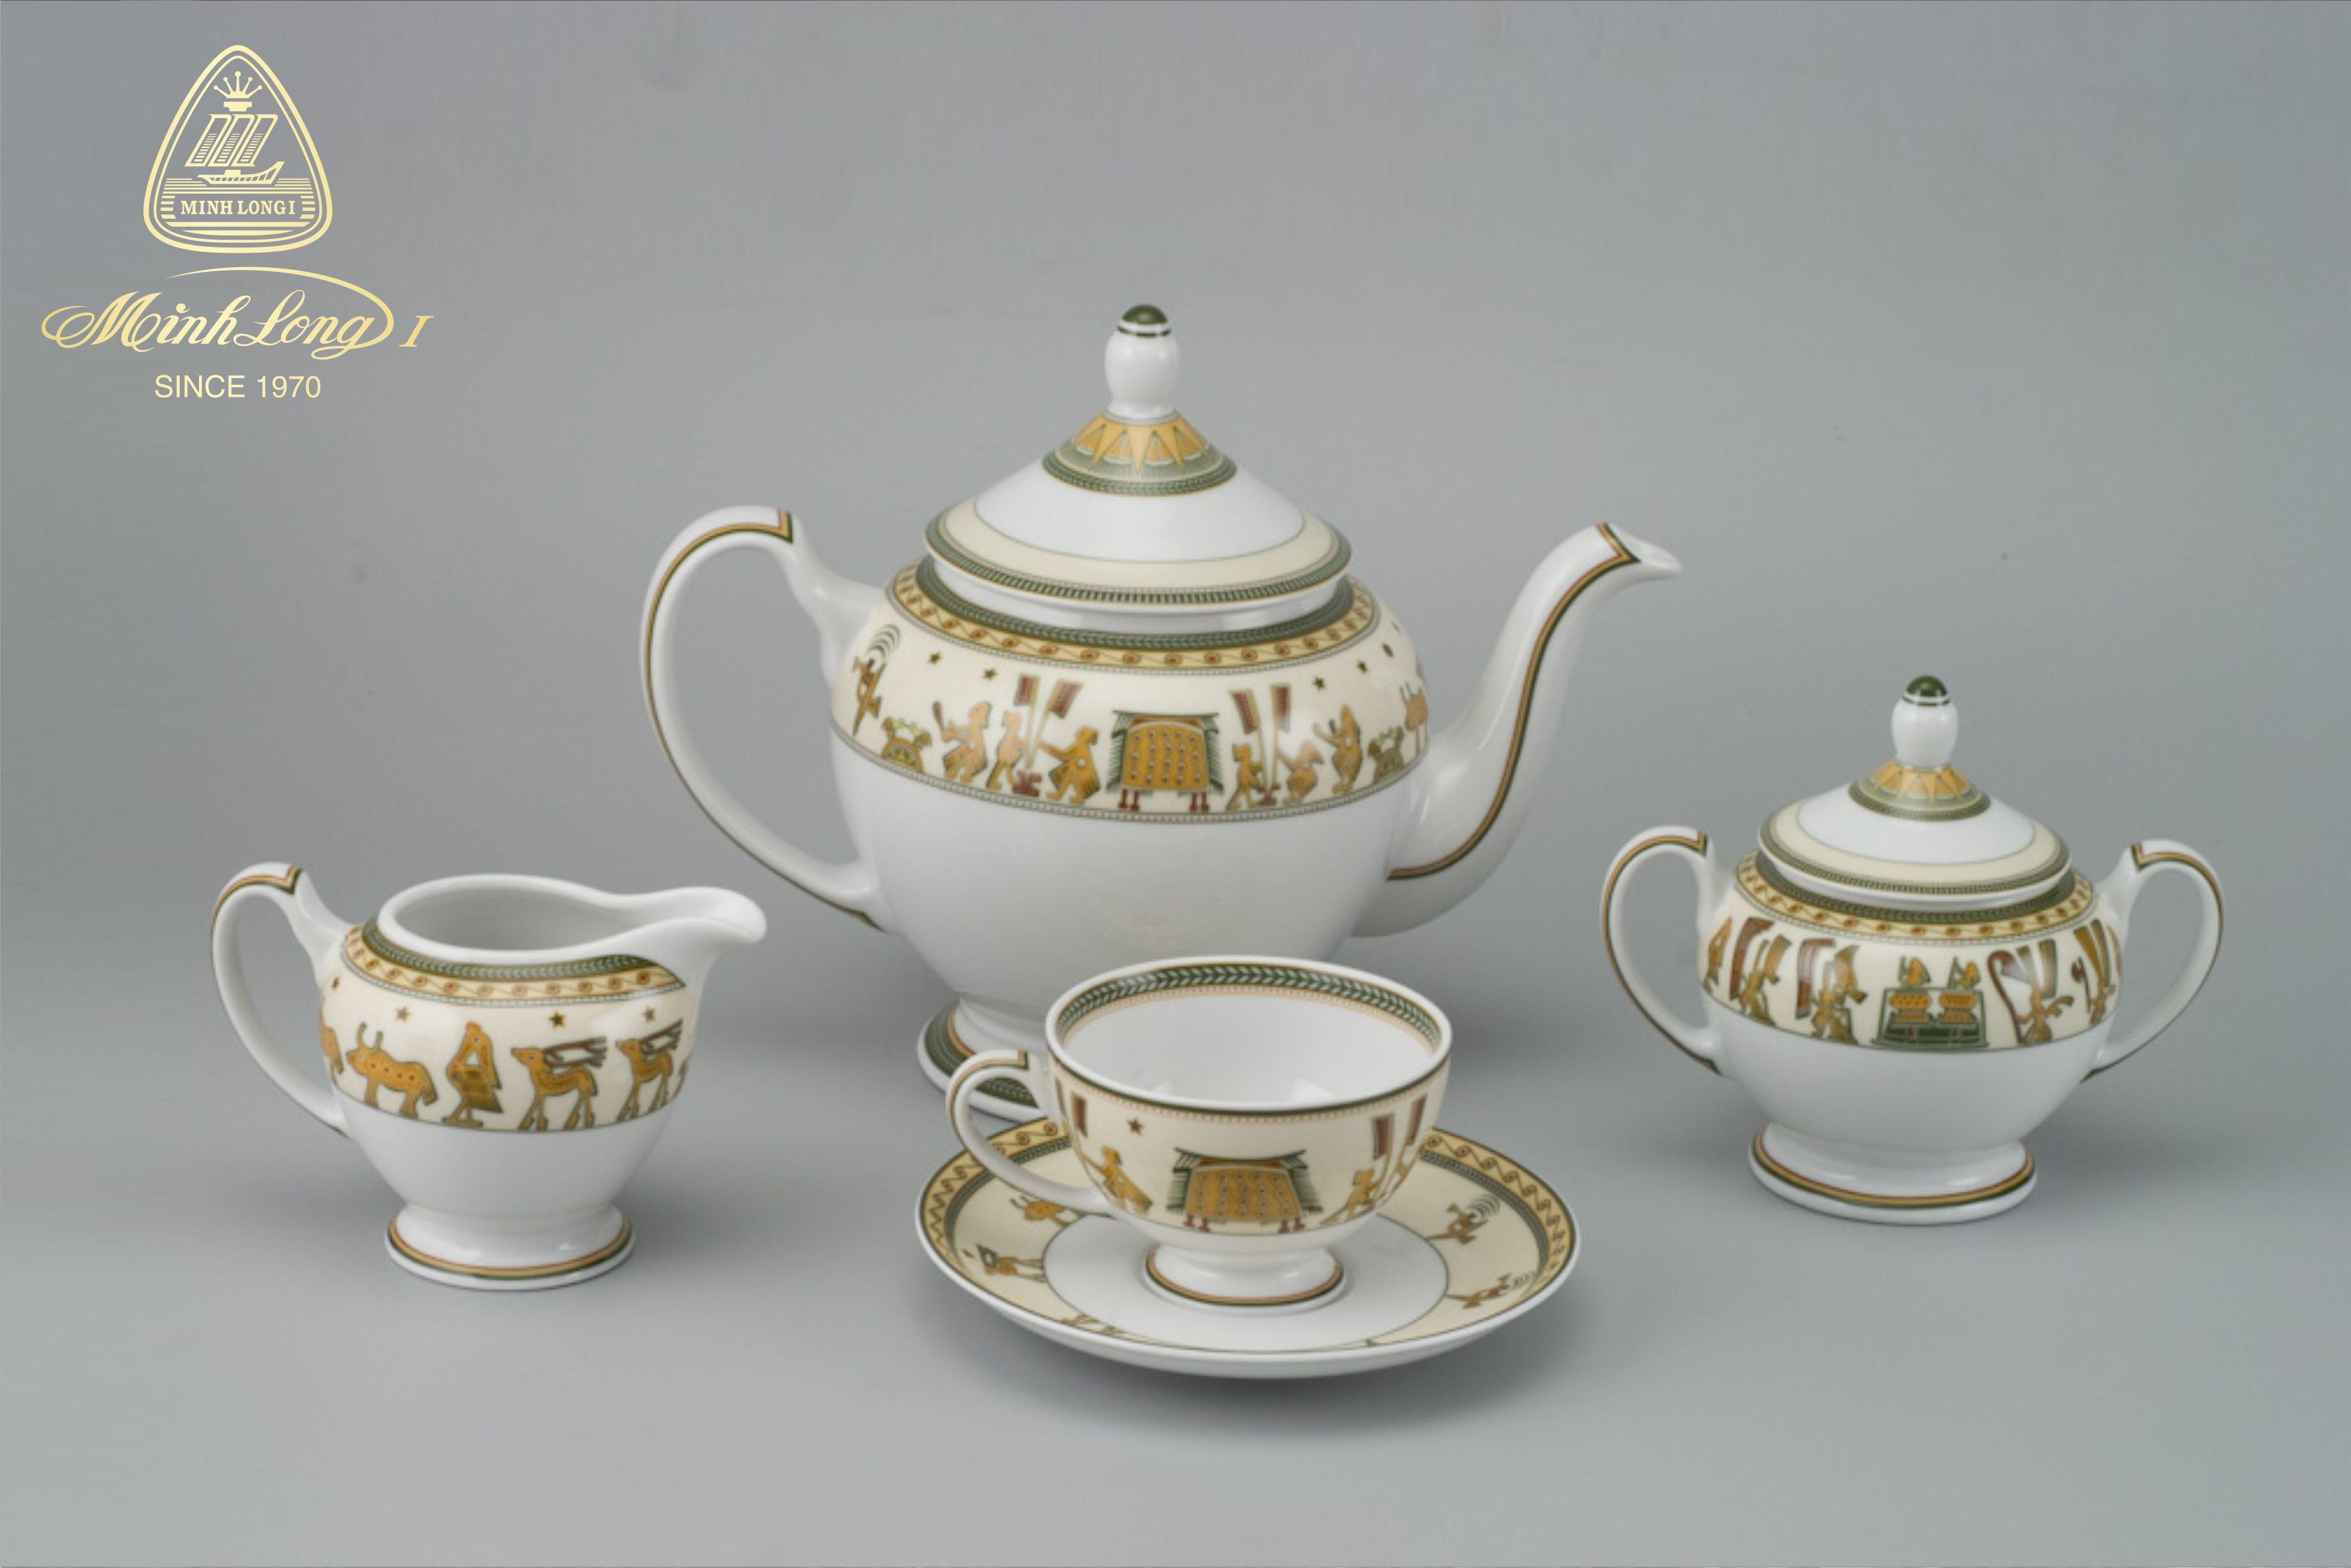 Bộ trà 1.3L Hoàng Cung Cội Nguồn 01134017303 Minh Long